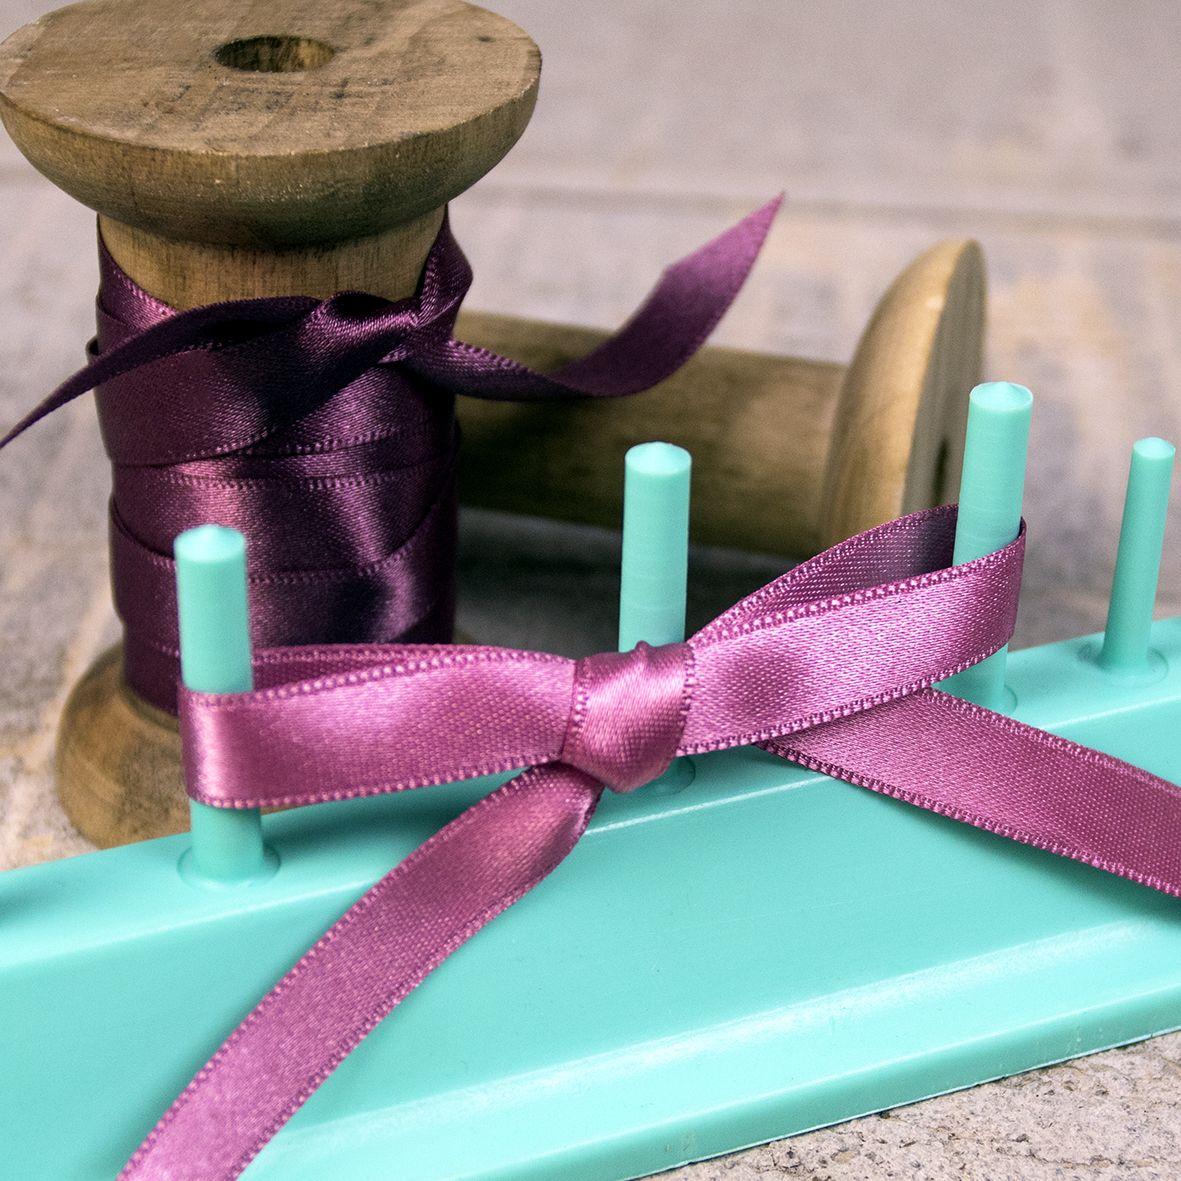 Ribbon Bow Makers and Ribbon Tools category image